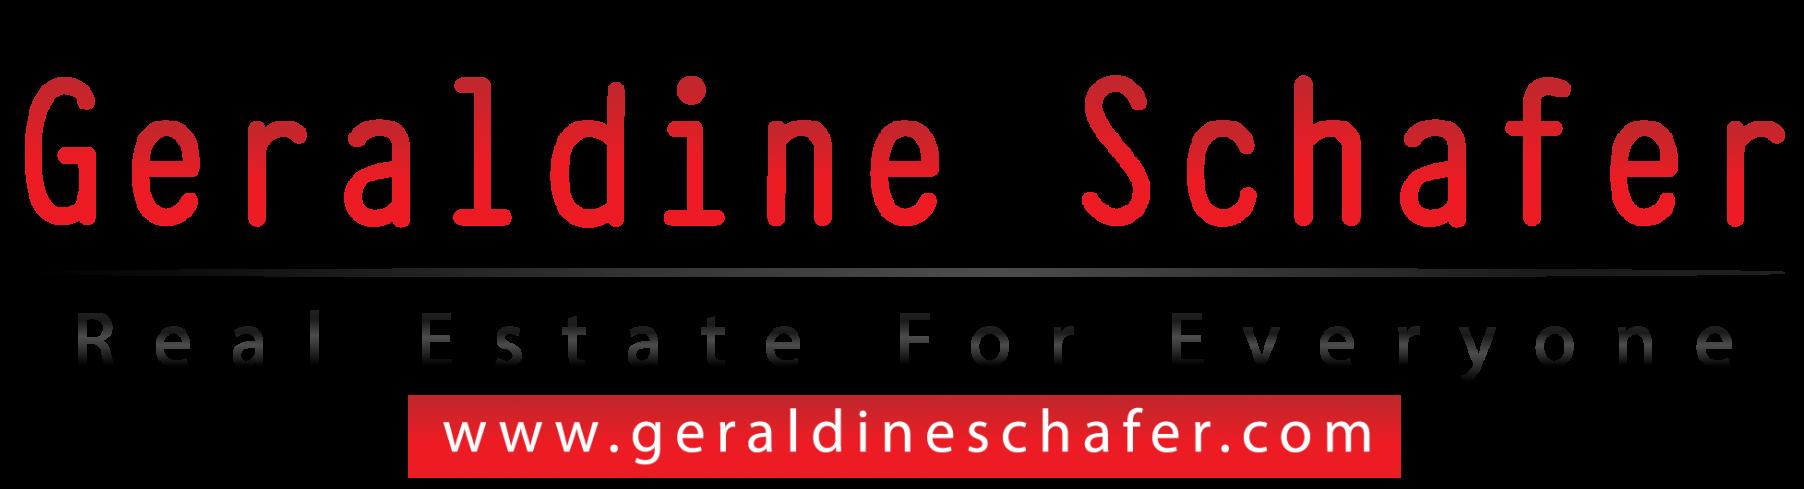 Geraldine Schafer logo